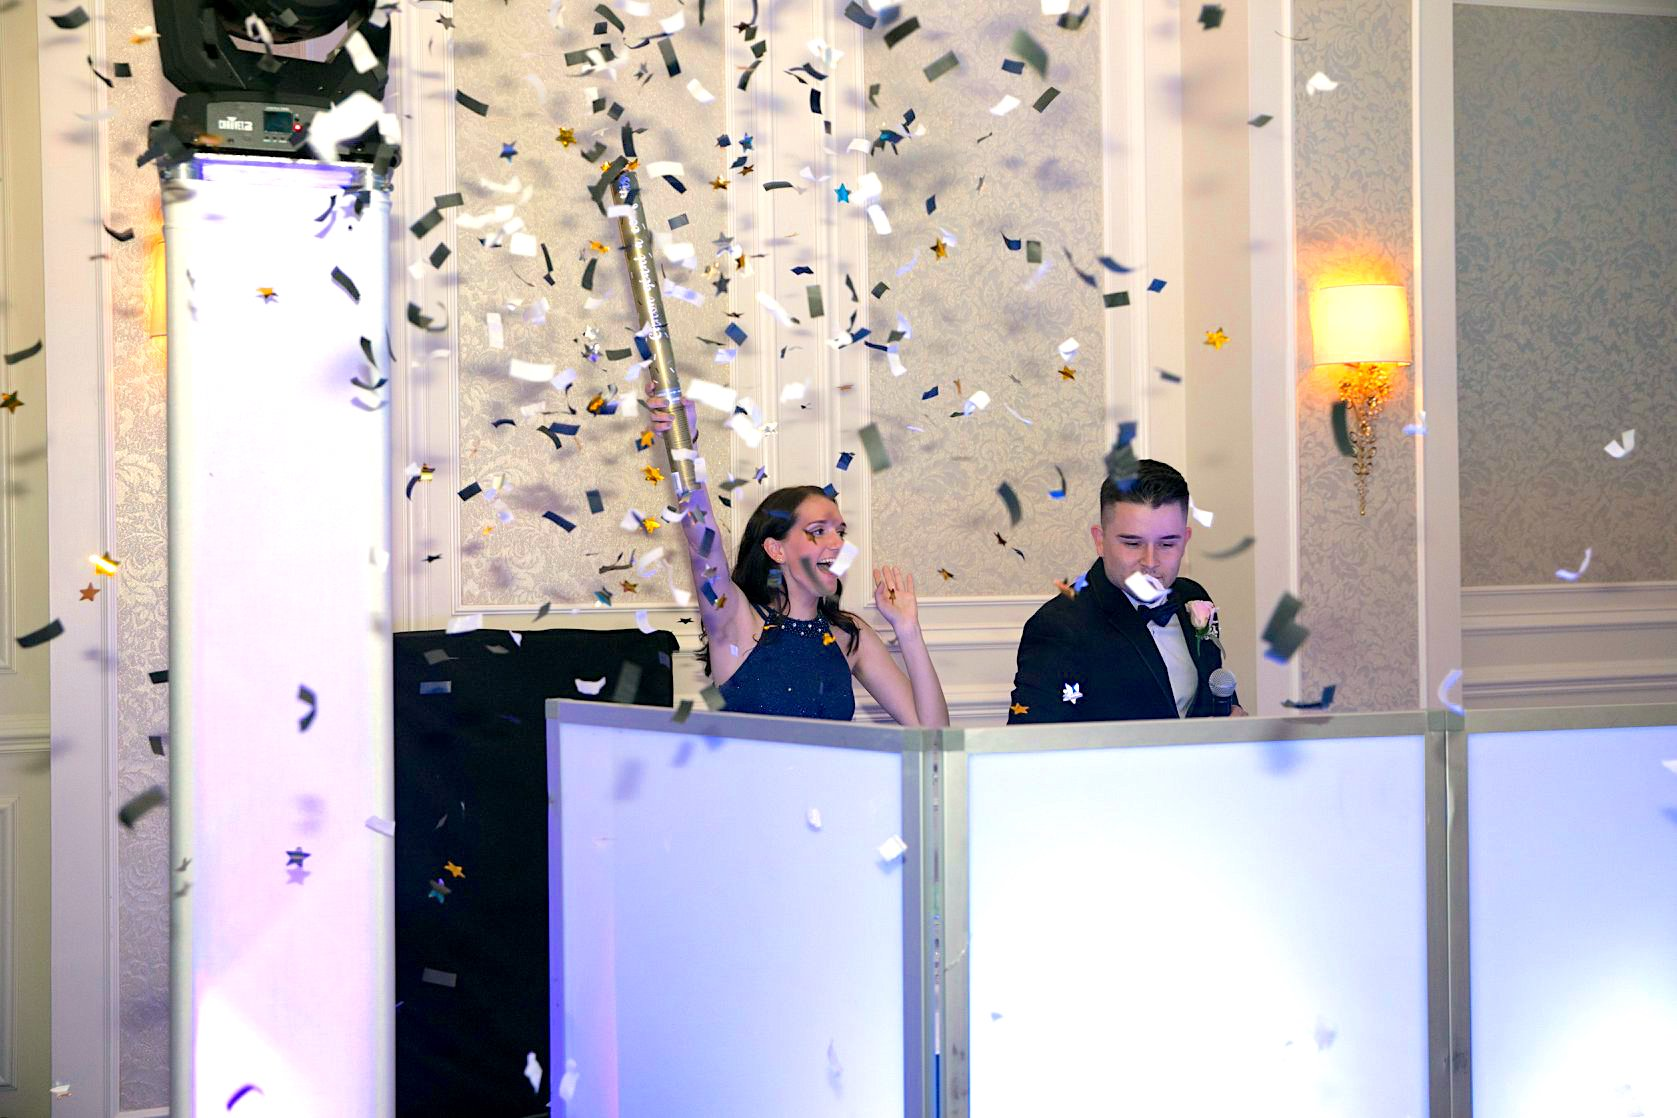 DJ Booth Confetti